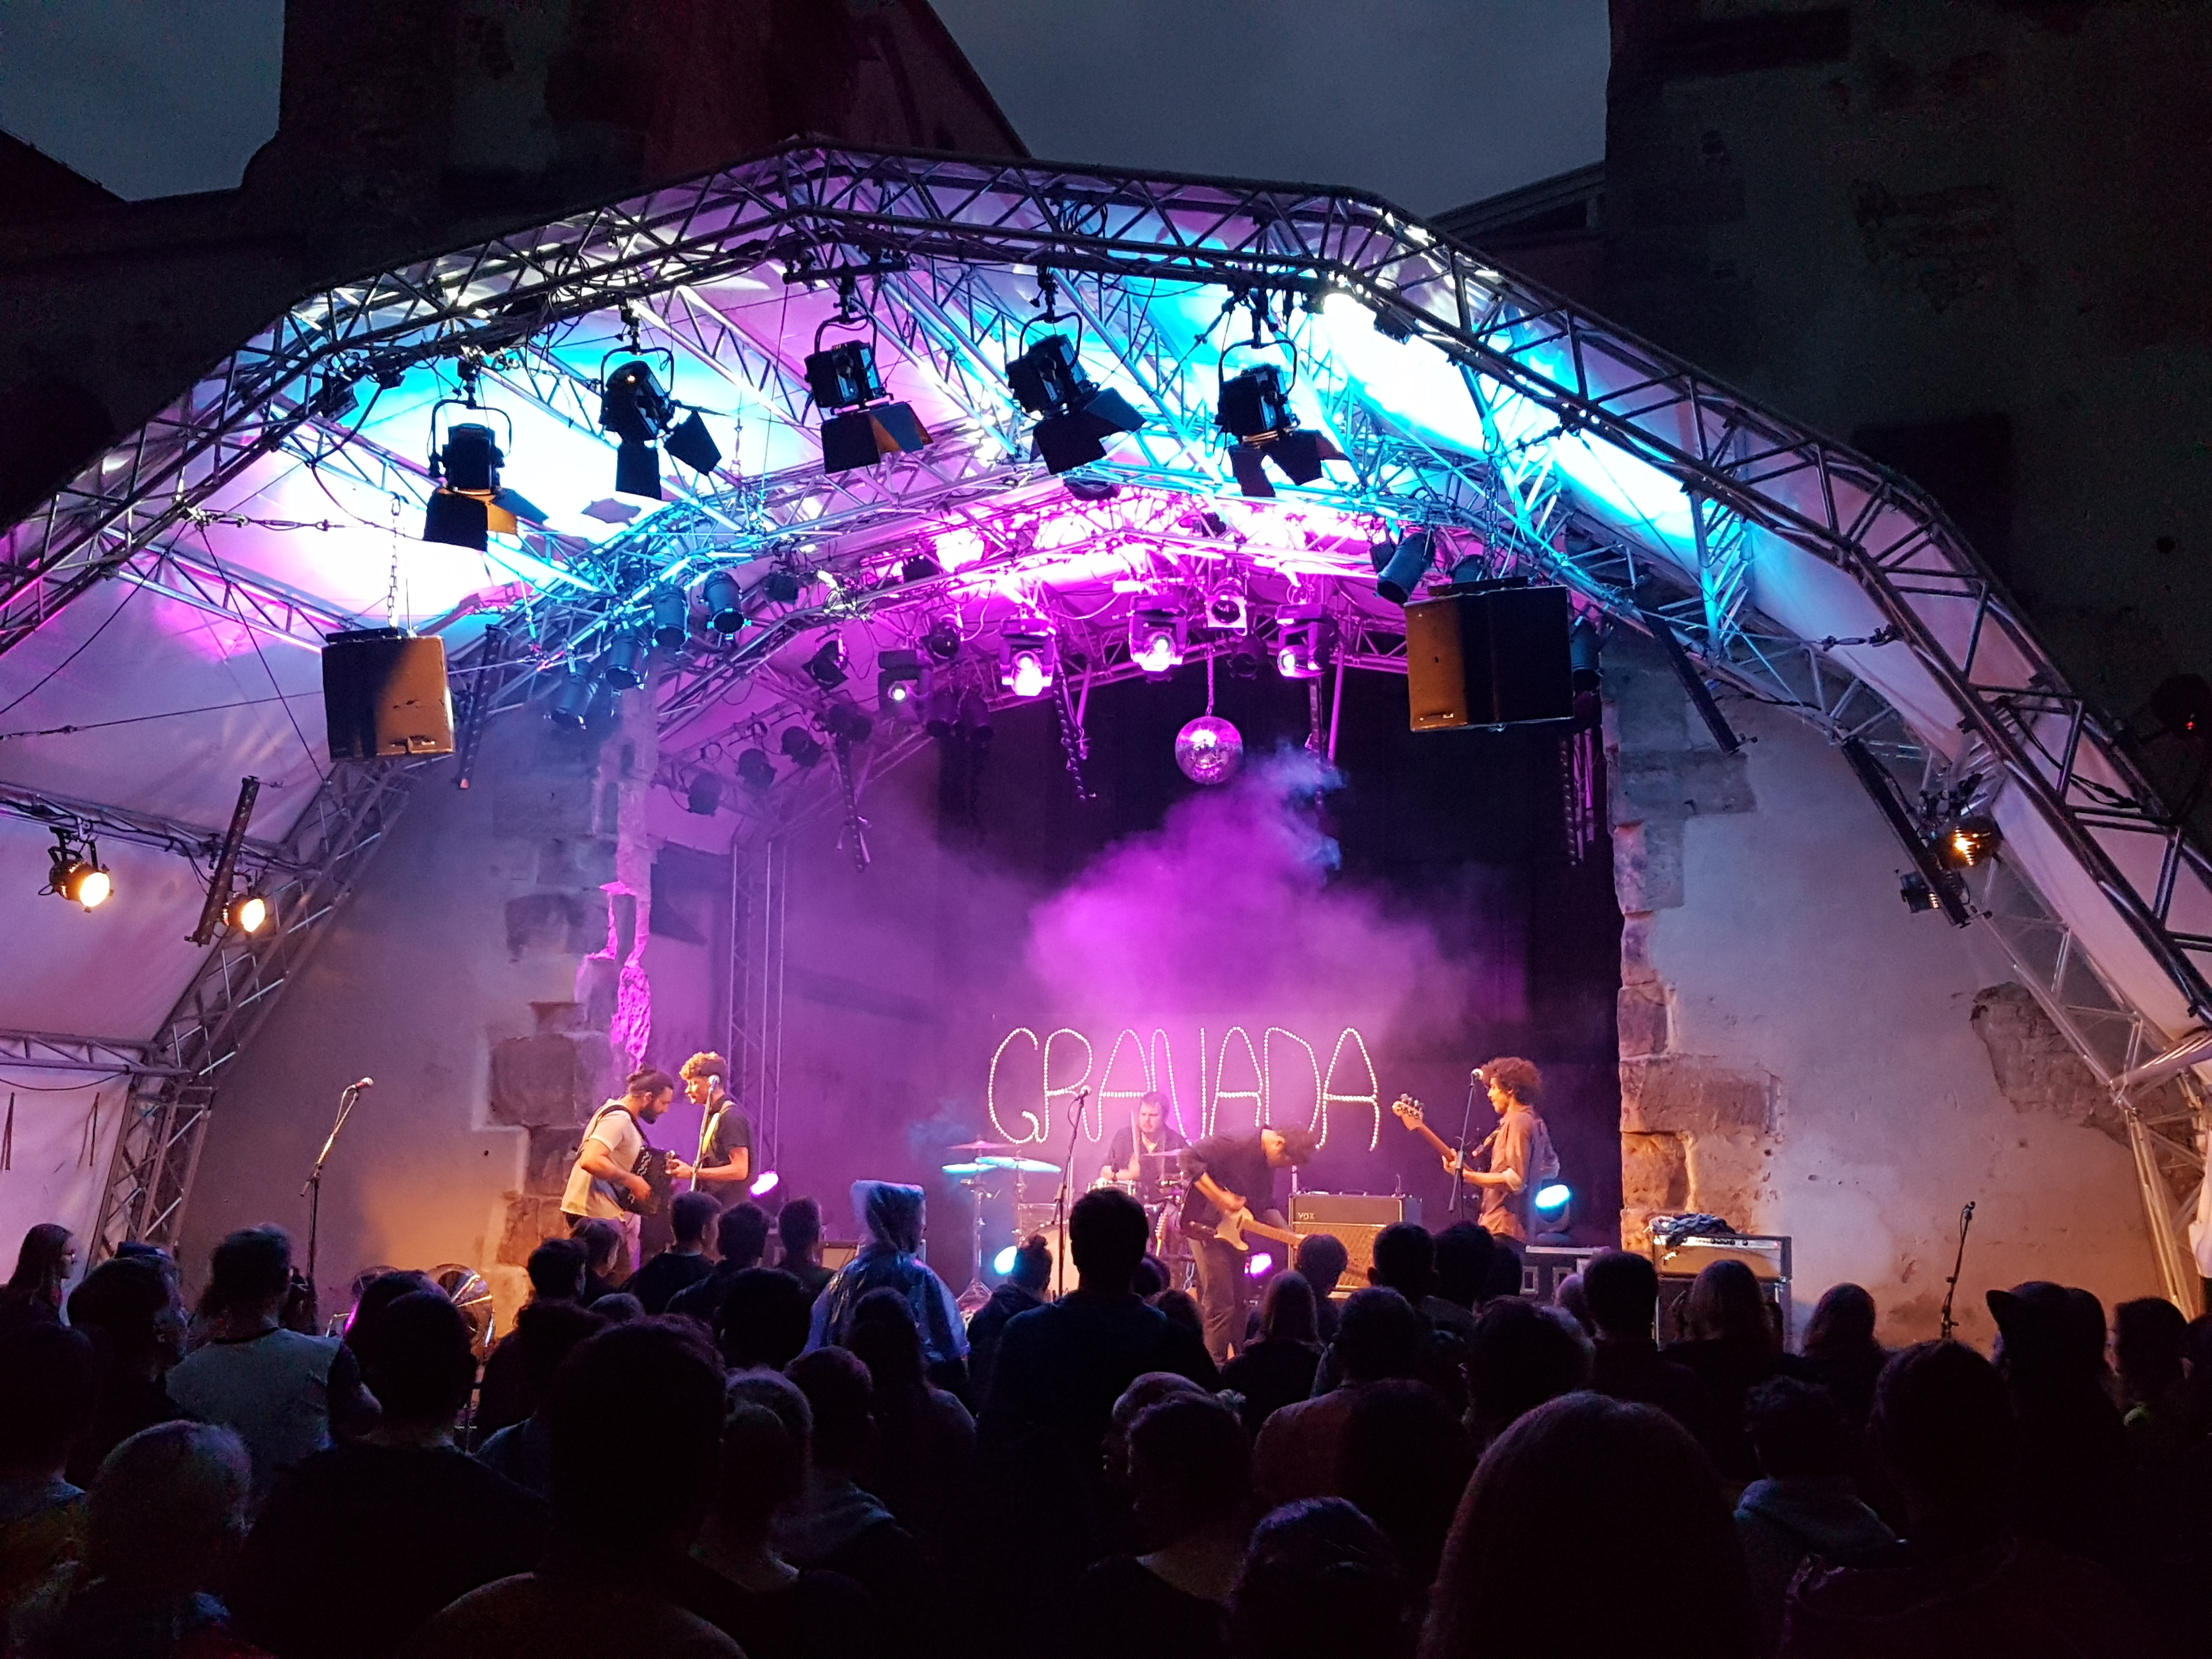 Open Air Konzerte wie Granada in der Katharinenruine sind toll in Nürnberg.